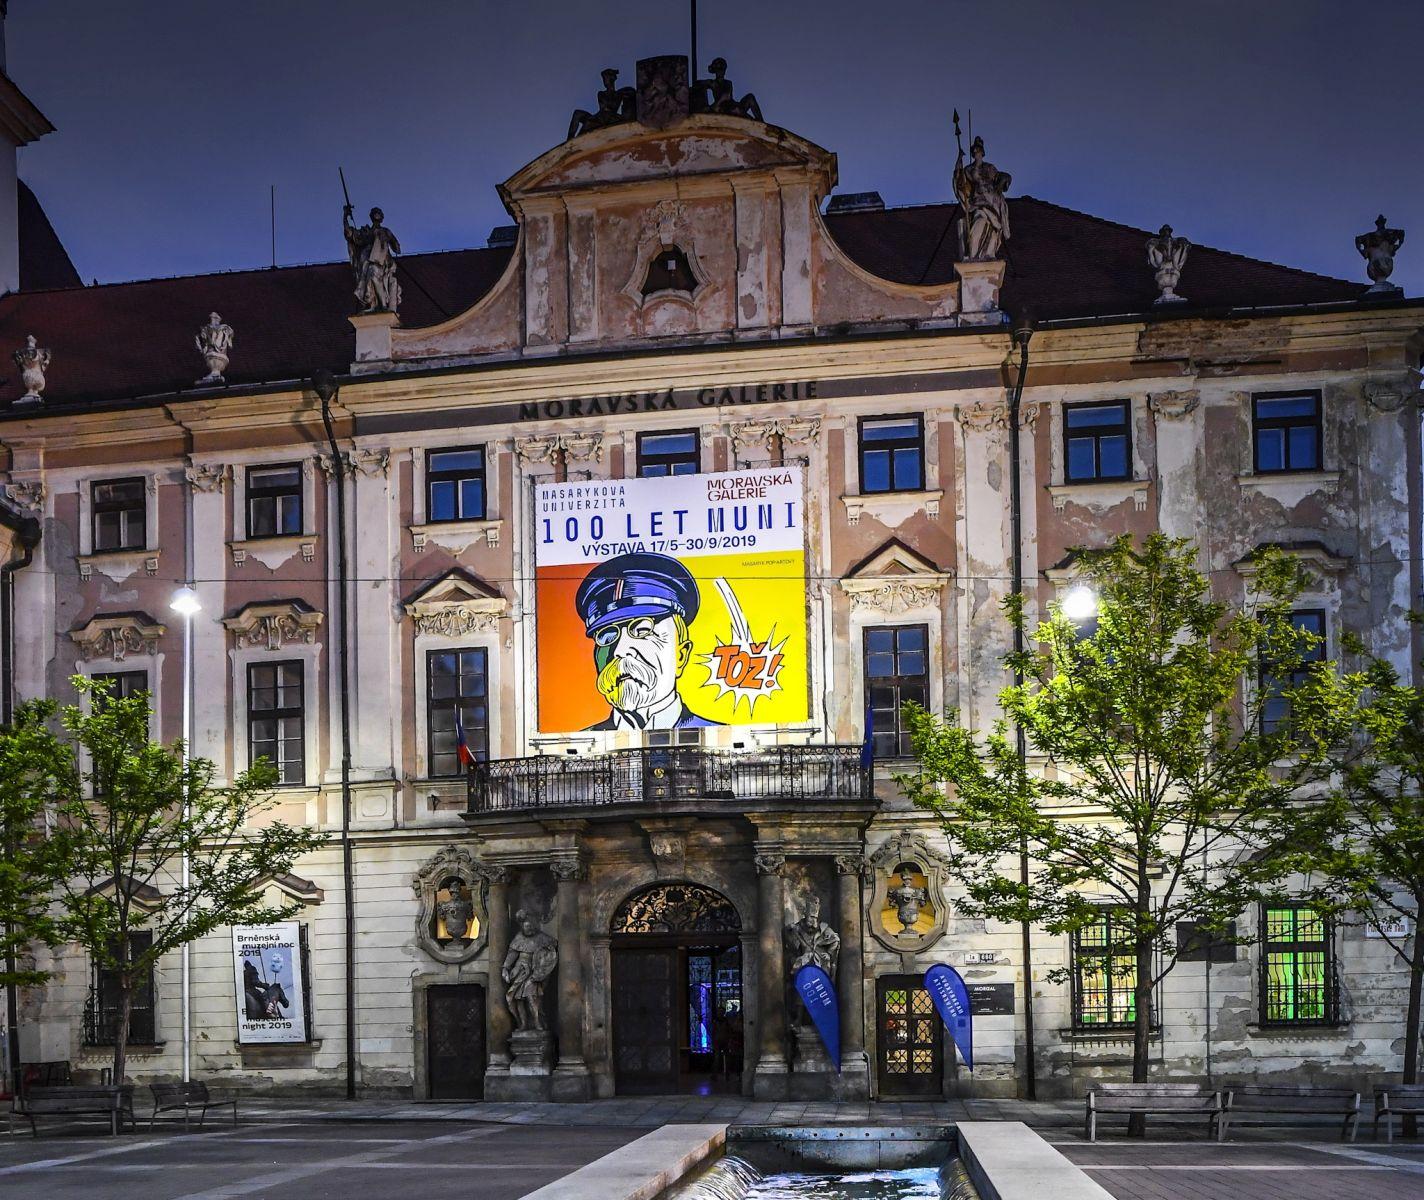 Moravian Gallery in Brno: The Governor's Palace (Moravská galerie v Brně: Místodržitelský palác)